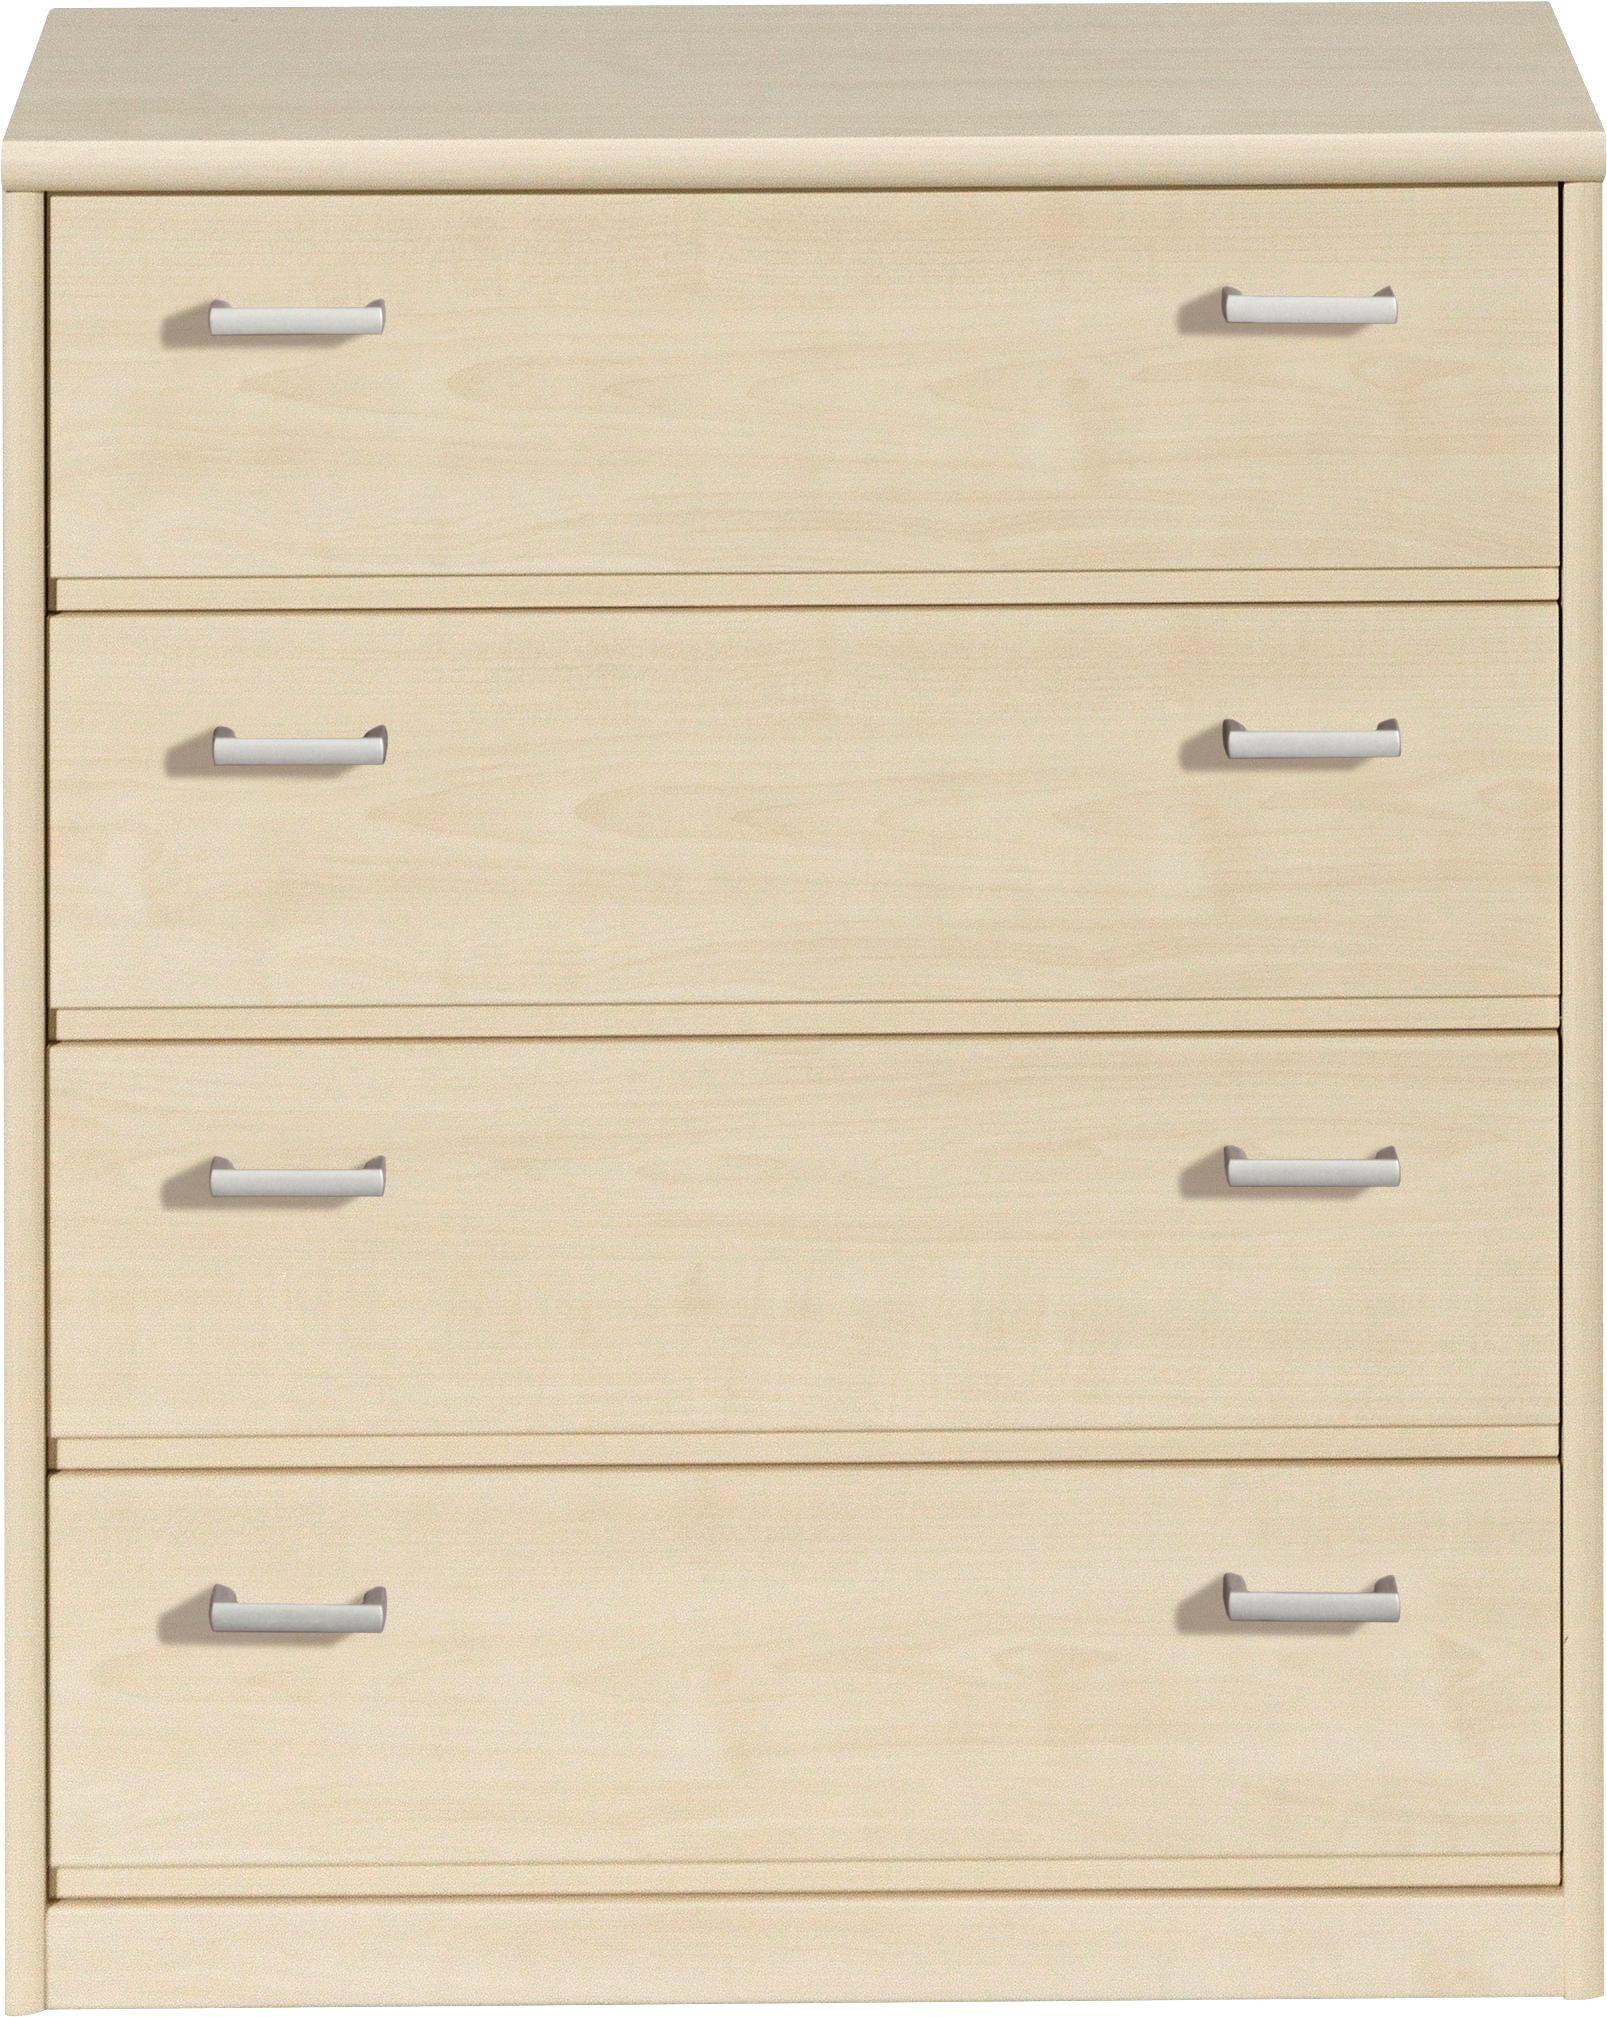 KOMMODE in Ahornfarben - Silberfarben/Ahornfarben, KONVENTIONELL, Holzwerkstoff/Kunststoff (72/84/36cm) - CS SCHMAL